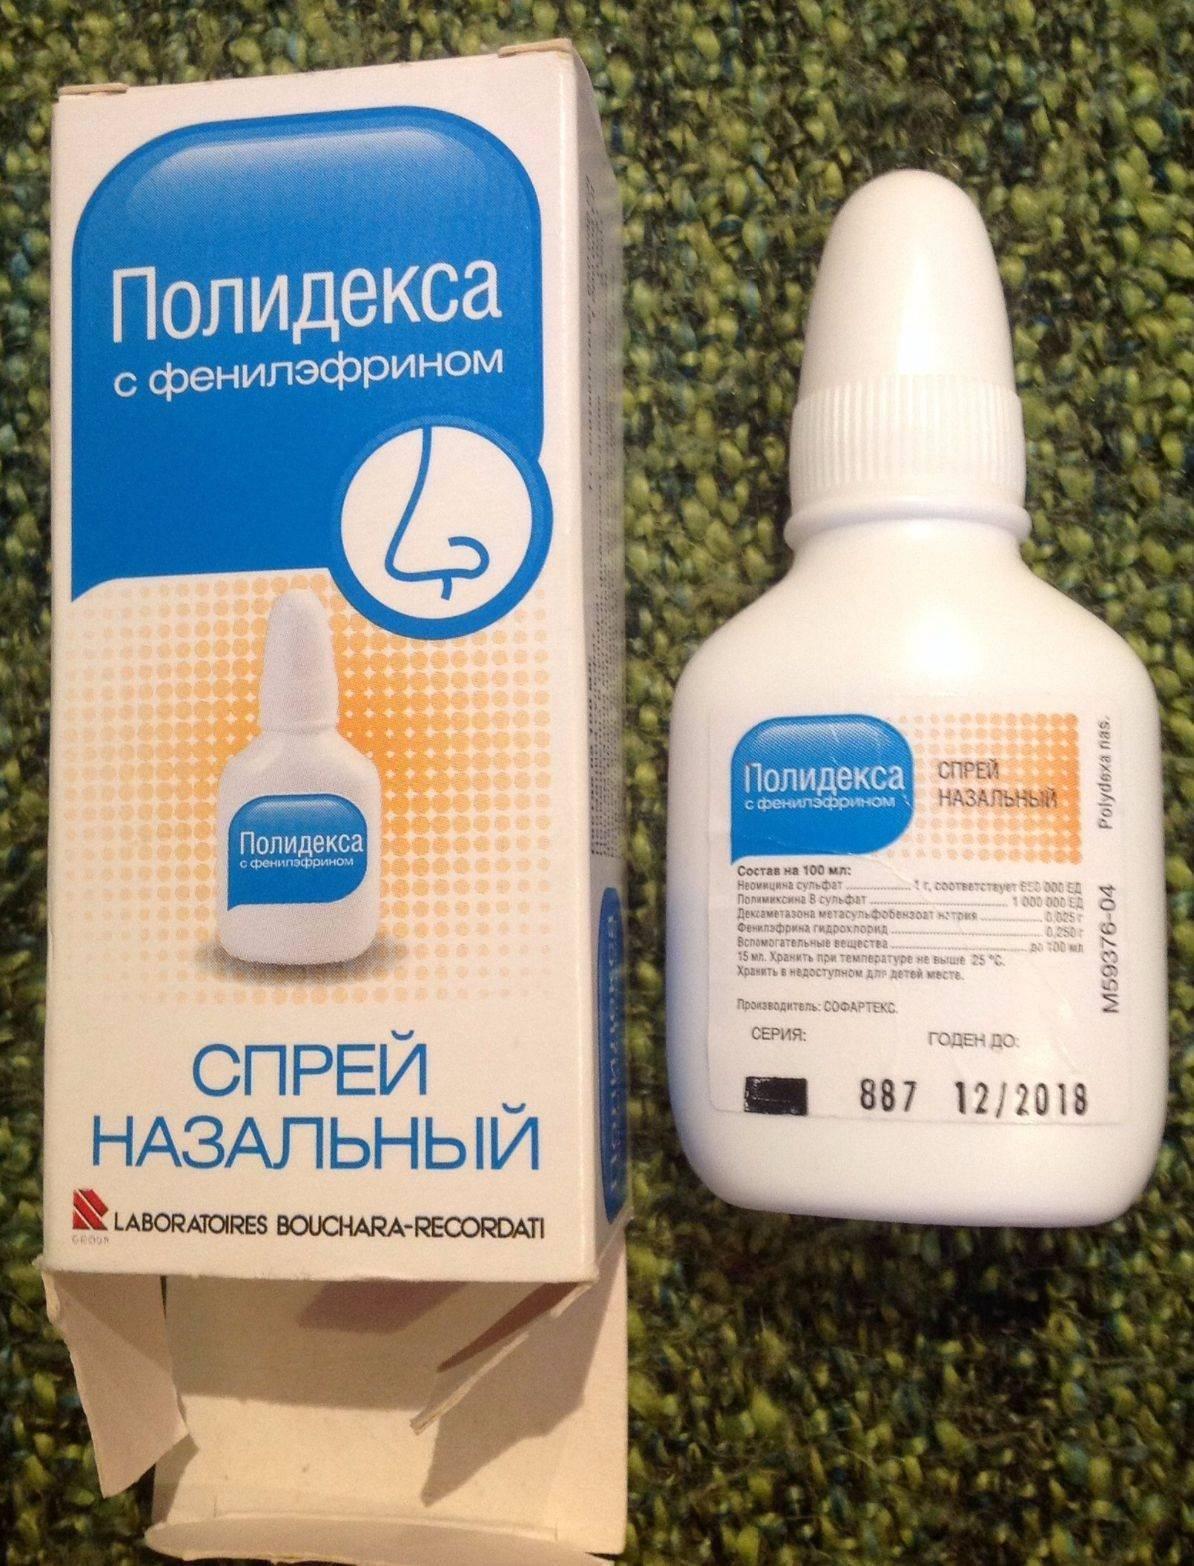 Полидекса и аналоги препарата для детей и взрослых - мой лор